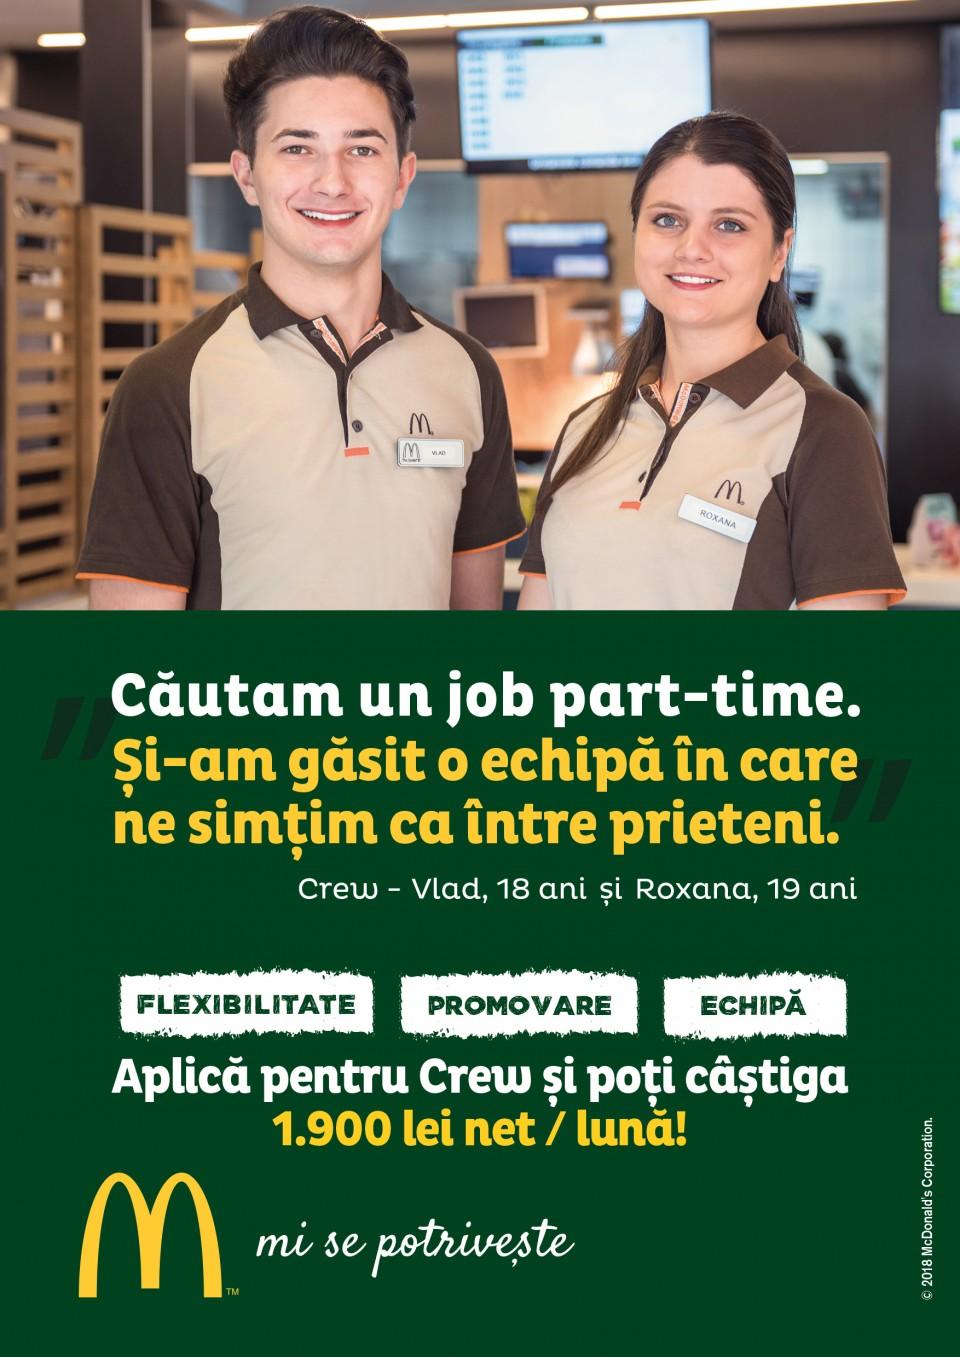 Eşti o persoană energică, dornică să accepte noi provocări și care vrea să lucreze alături de o echipă dinamică? Eşti încă student şi doreşti să acumulezi experienţă profesională? Aplică pentru poziţia de Crew și hai să-i cunoști pe toți colegii cărora jobul la McDonald's li se potrivește!  Te așteaptă numeroase beneficii: un program de lucru flexibil, pregătire profesională, dar şi oportunitatea de promovare într-un timp foarte scurt.  În calitate de lucrător Crew, te vei ocupa de activități variate, care includ toate zonele unui restaurant McDonald's: bucătăria, casa de marcat și sala de mese.  Astfel, ai şansa de a-ți dezvolta setul de abilități practice, dar și pe cele de comunicare, în urma interacțiunii cu clienții.  Beneficii: - Pachet salarial: 3.250 lei brut/lună - veniturile reprezintă salariul brut și valoarea tichetelor de masa + beneficii  - Programe de dezvoltare profesională. McDonald's în RomâniaCei 5.000 de angajați ai McDonald's în România știu ce înseamnă puterea unui zâmbet.Echipa McDonald's e formată din oameni muncitori, ambițioși, pentru care interacțiunea cu alți oameni este o bucurie. În fiecare zi, angajații McDonald's întâmpină peste 200.000 de clienți.Ne dorim să aducem în echipa noastră colegi dornici să învețe și să crească în cadrul unei echipe puternice și ambițioase.McDonald's a deschis primul restaurant în România pe 16 iunie 1995, în Unirea Shopping Center din București. A fost primul pas în construirea unei povești de succes, care se dezvoltă în fiecare an.În 2016, McDonald's în România a devenit Premier Restaurants România, ca urmare a parteneriatului pentru dezvoltare încheiat cu Premier Capital, compania malteză care coordonează operațiunile McDonald's din șase țări europene: Estonia, Grecia, Letonia, Lituania, Malta și România.Astăzi, McDonald's are 74 de restaurante în 22 de orașe din România și este liderul pieței de restaurante cu servire rapidă. În același timp, lanțul McCafé, are în prezent 28 de cafenele în România și cr